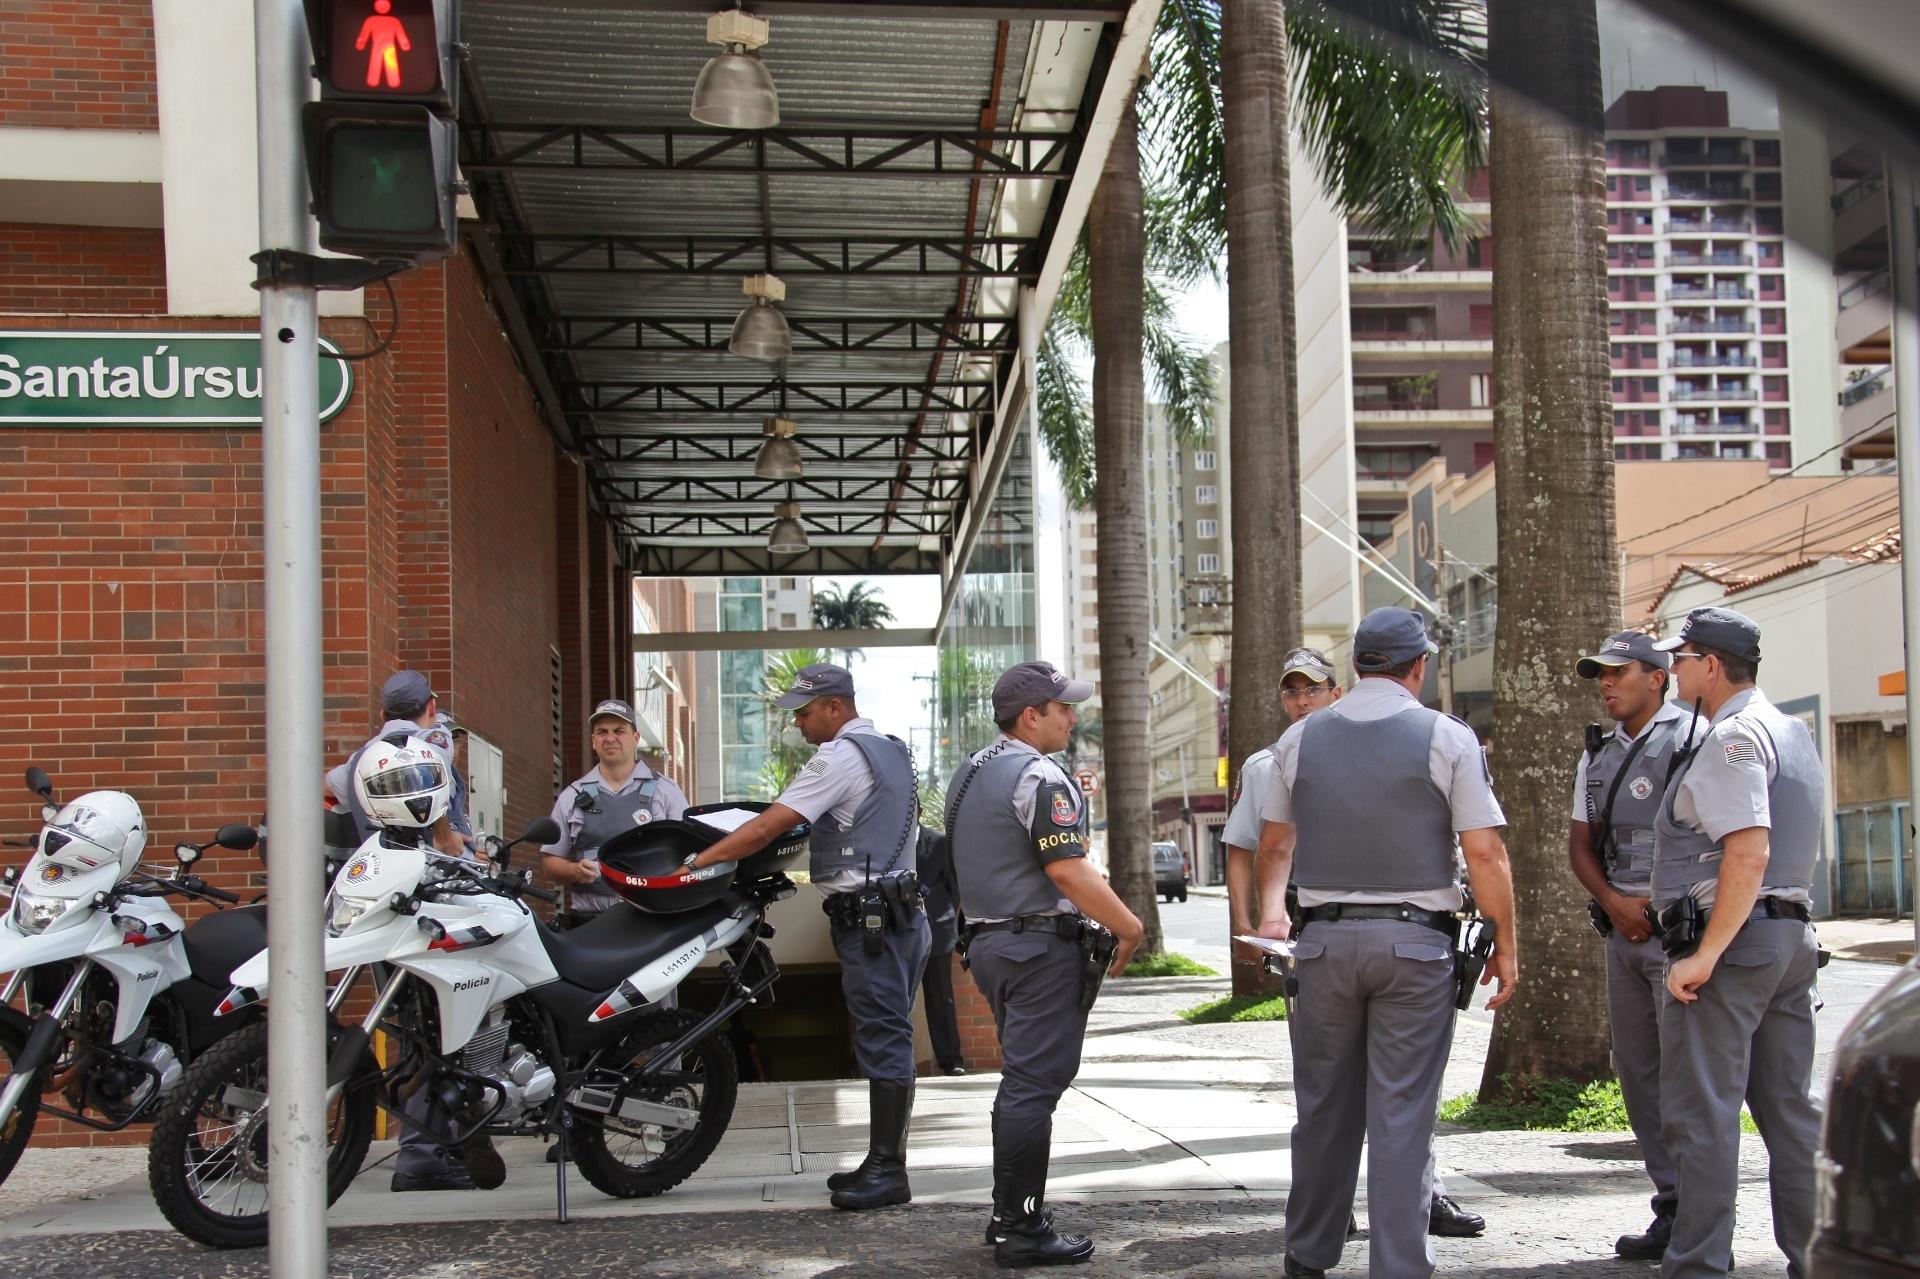 18.jan.2014 - Policiais militares se posicionam em frente ao shopping Santa Úrsula, em Ribeirão Preto, no interior de São Paulo, neste sábado (18). Empreendimento reforçou a segurança depois que jovens marcaram um